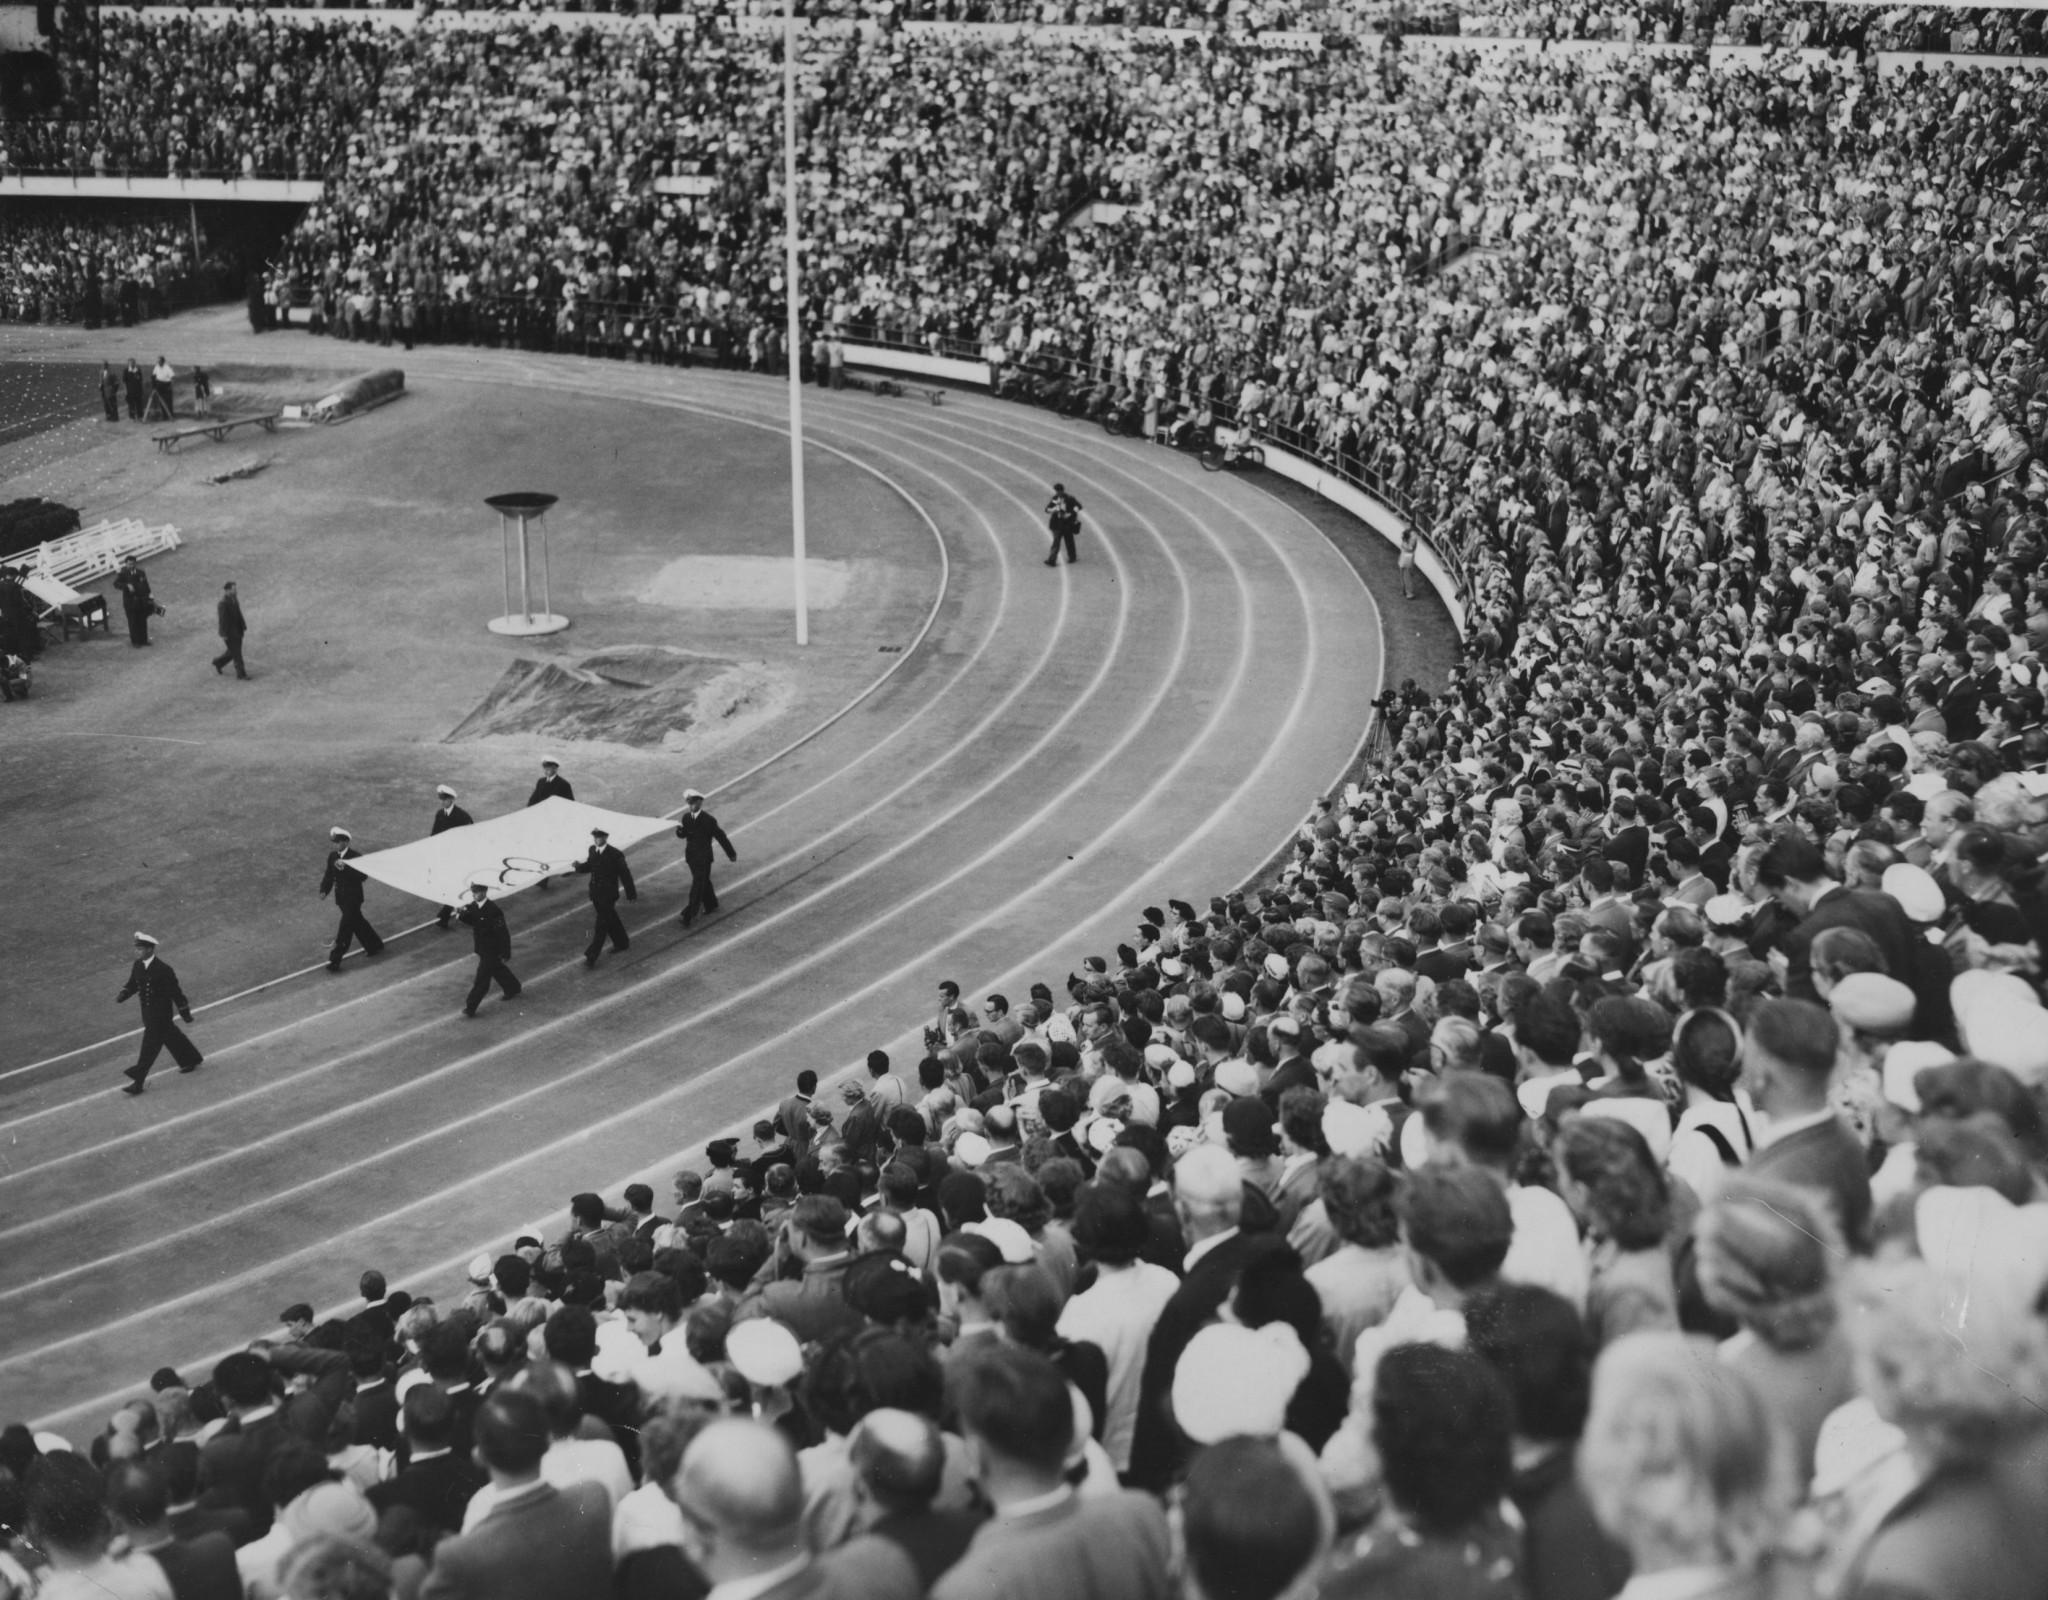 Ottó Bonn a participé à tous les Jeux Olympiques depuis Helsinki 1952 © Getty Images